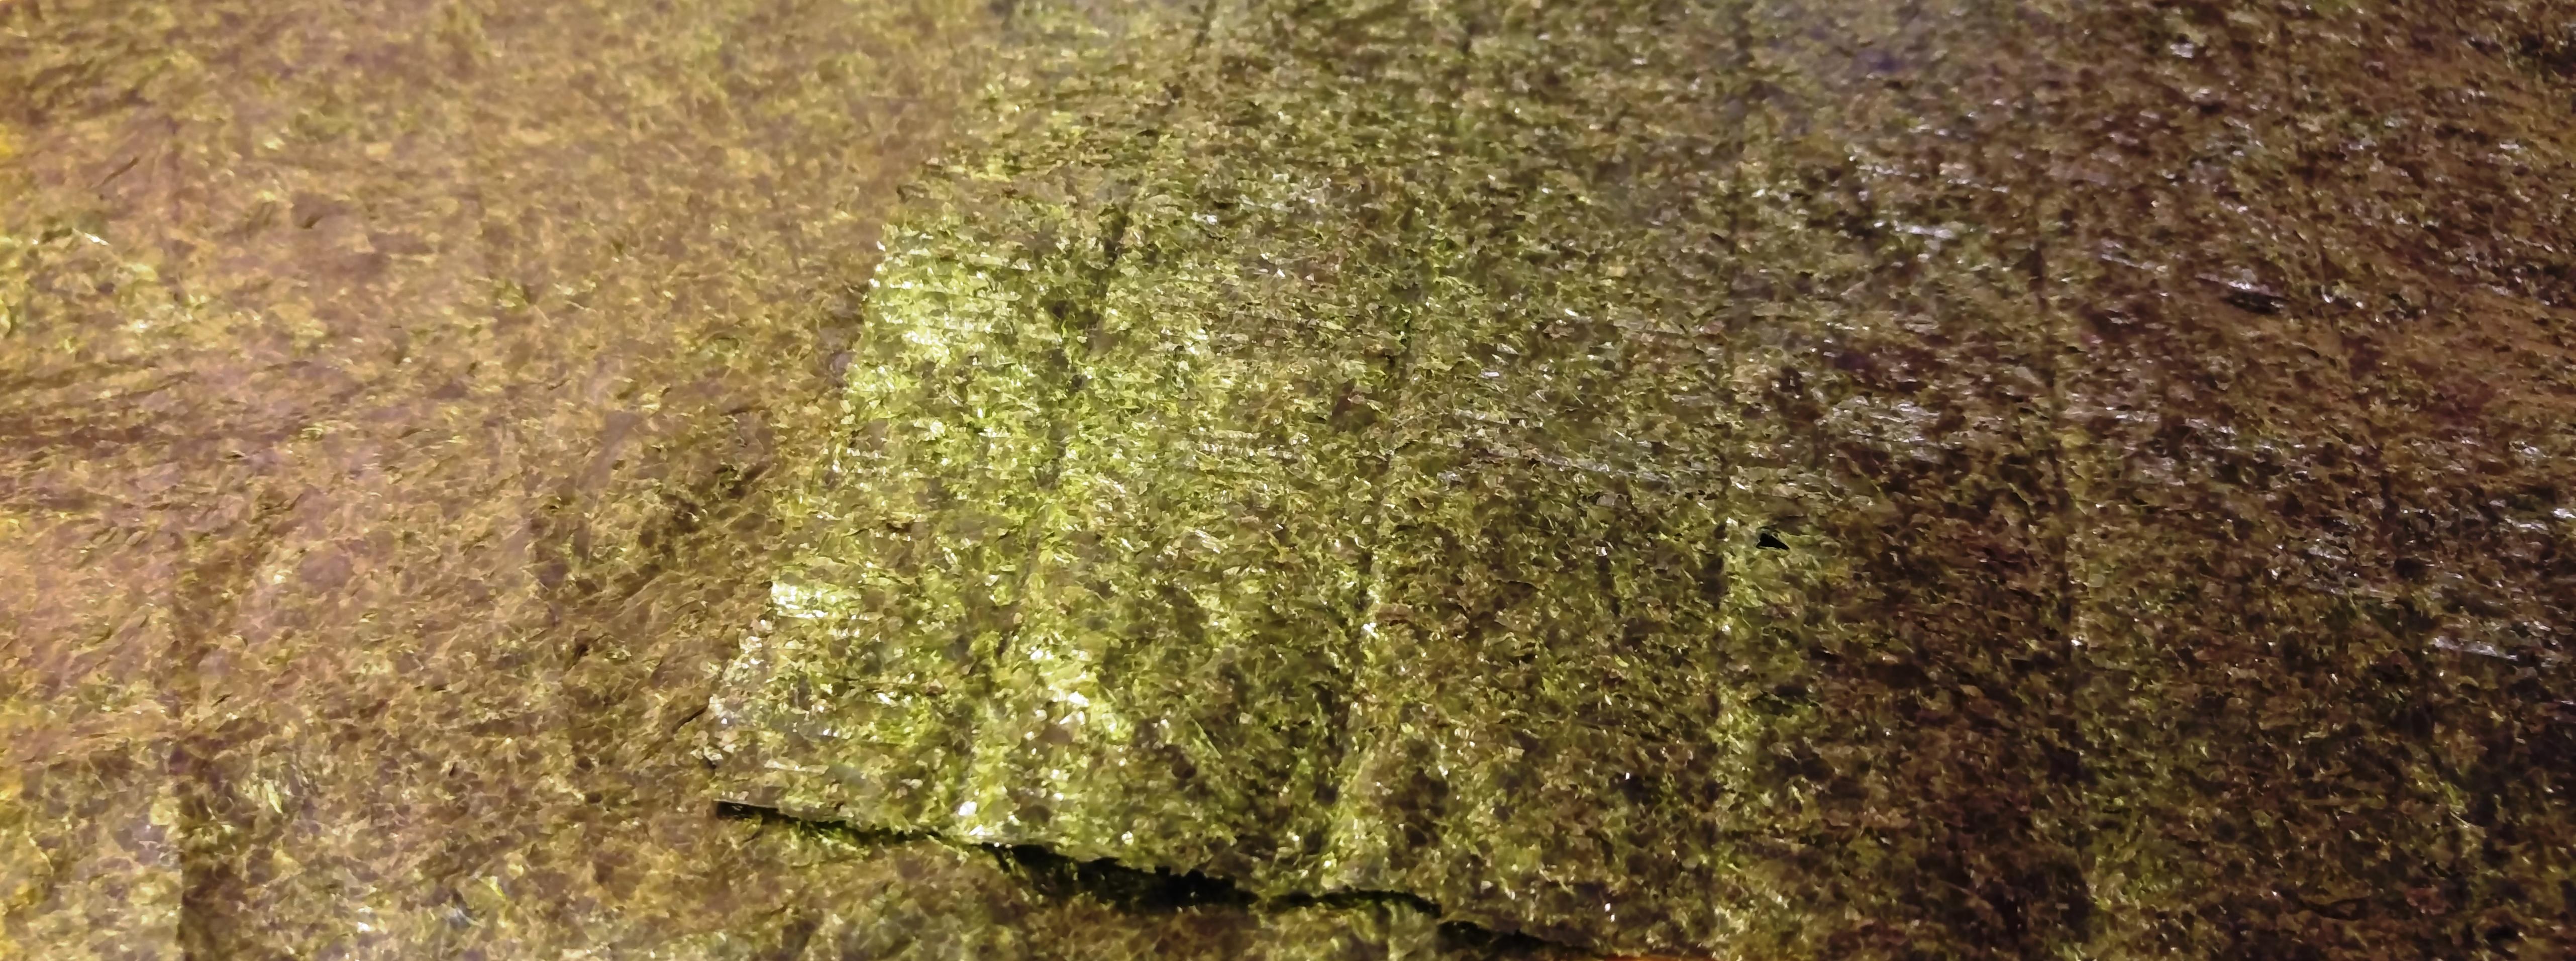 Nori: Algenblätter – Herstellung und Tipps